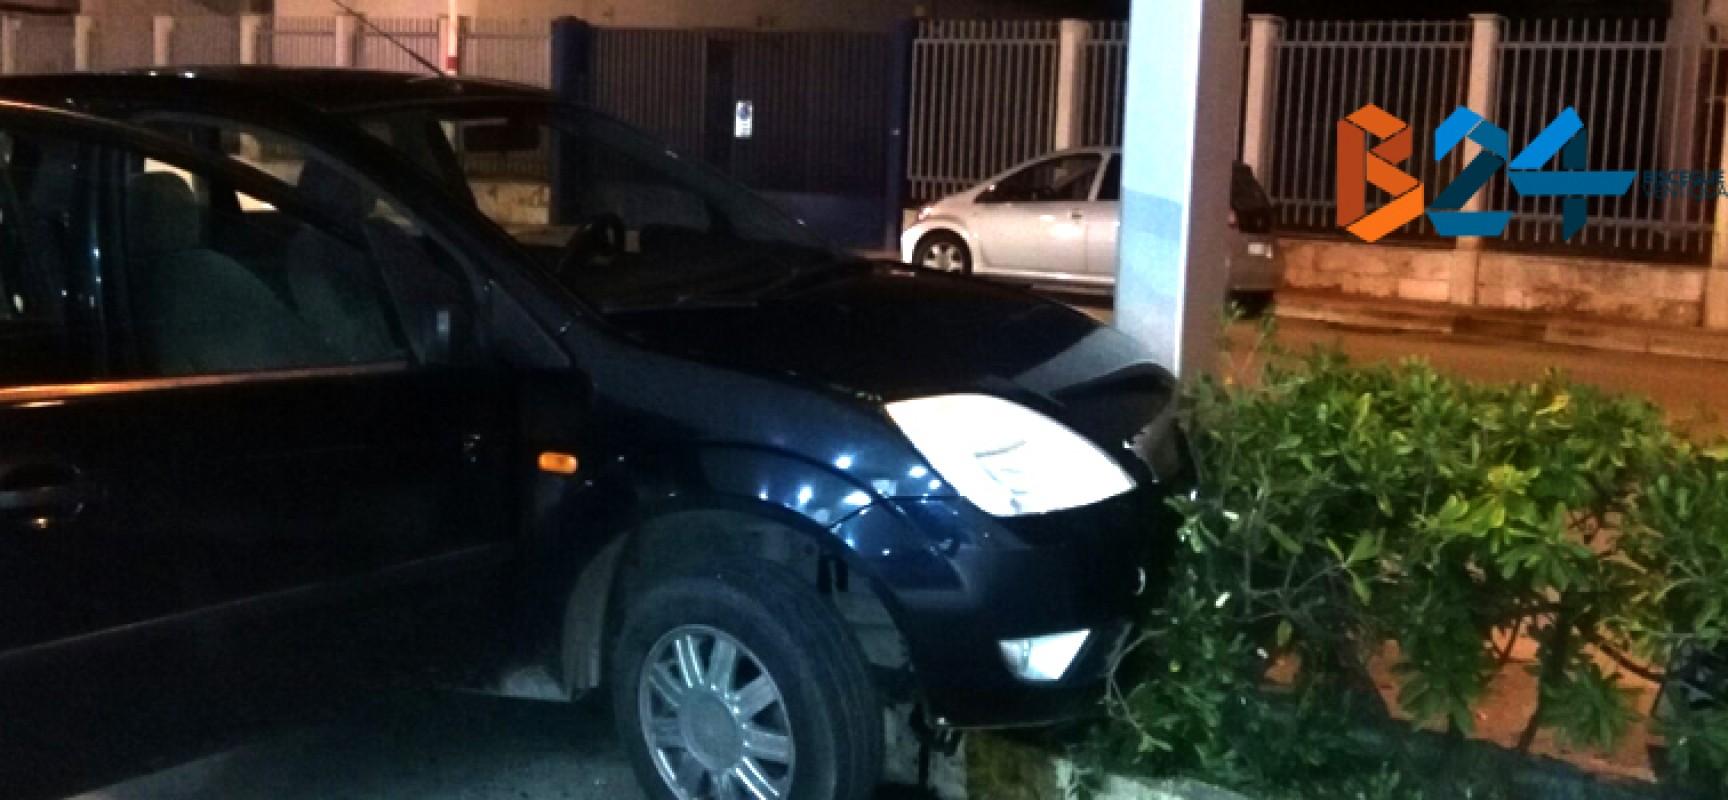 Incidente in via Giovanni Bovio, auto finisce su siepe / FOTO